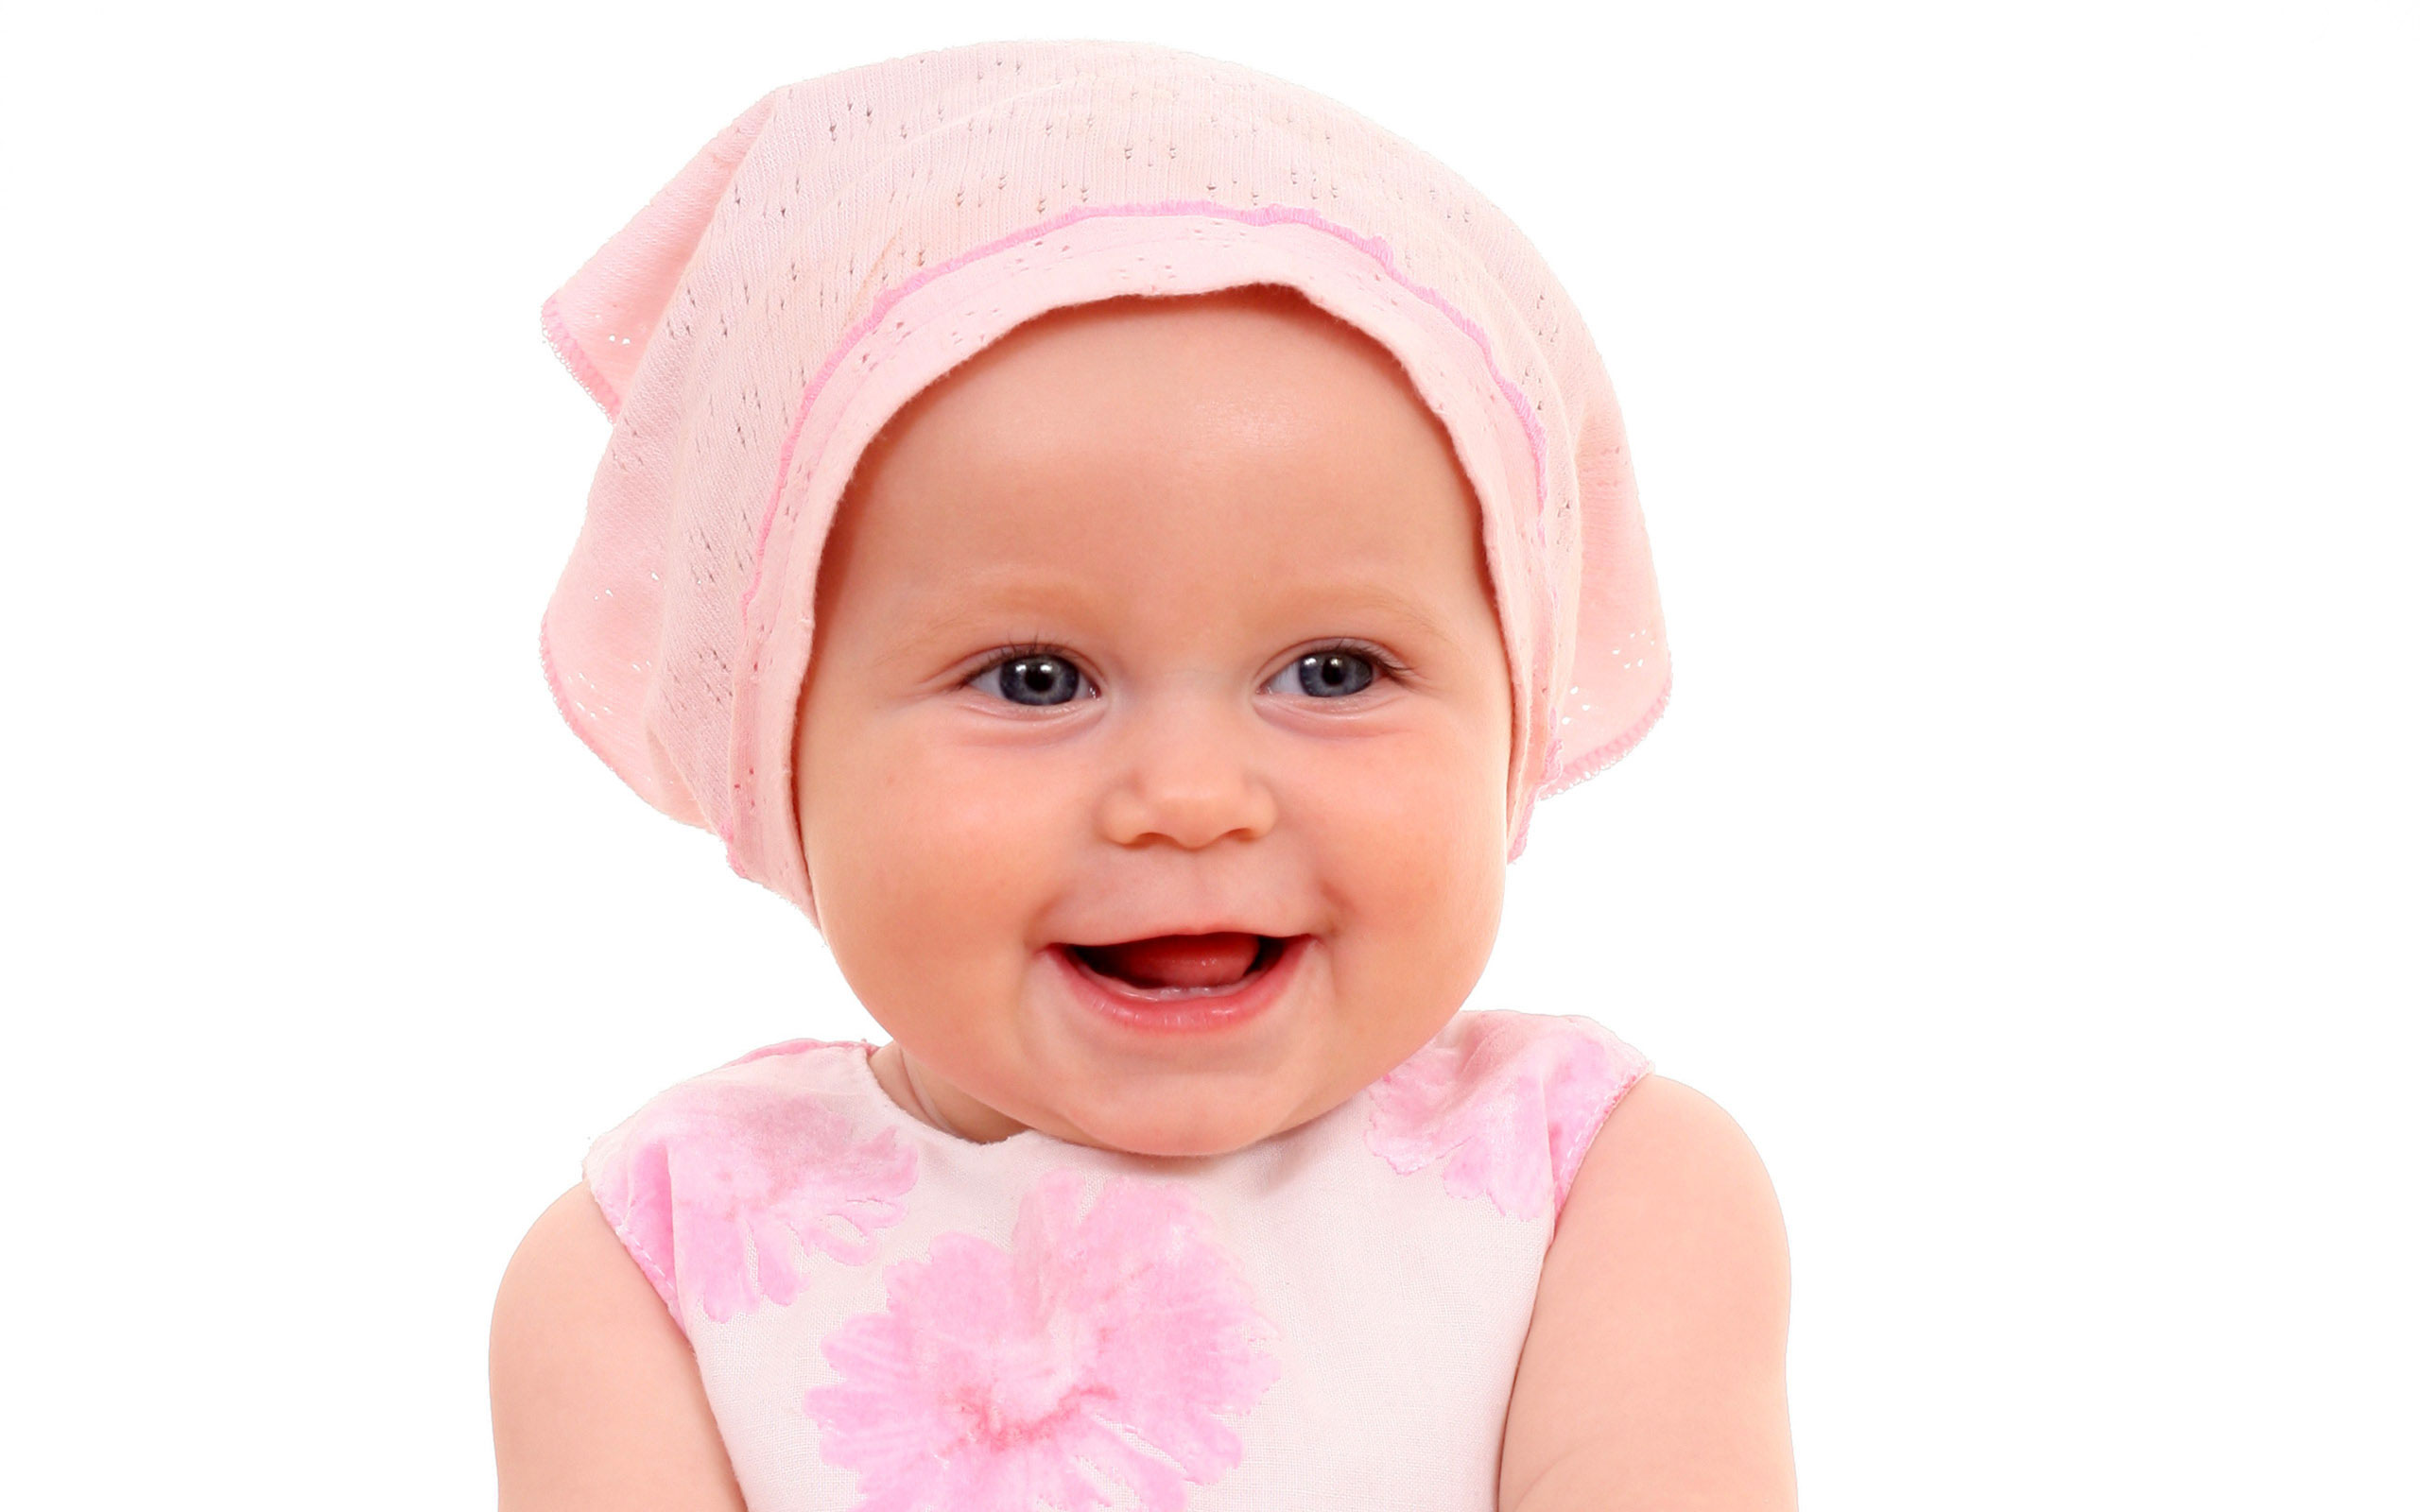 可爱婴儿图片素材下载